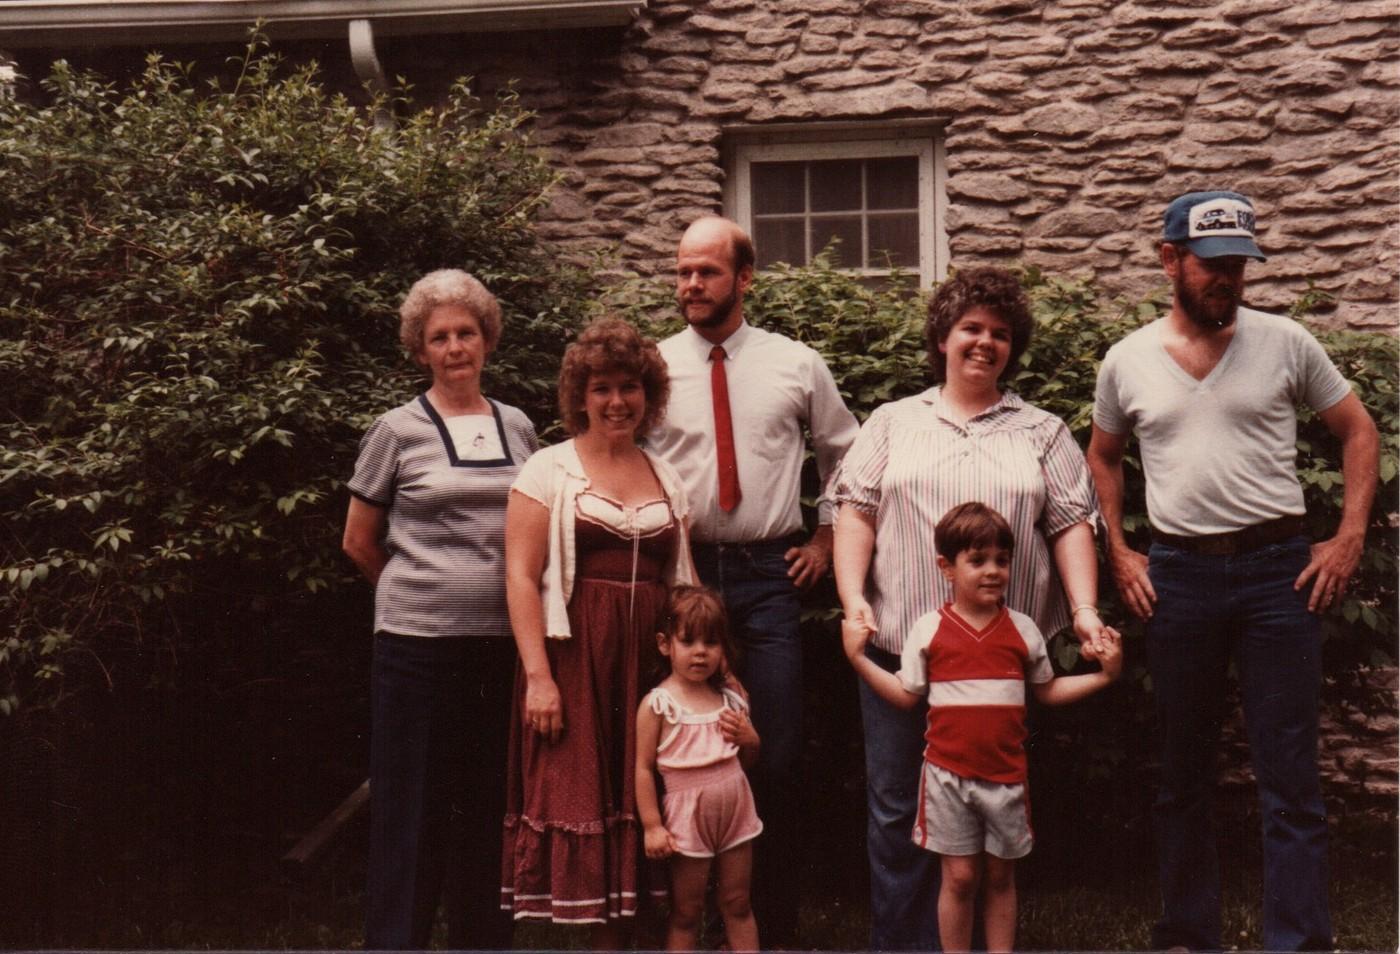 19840600 Shirley Laura David Ponceby Kim Gayle Chris Icofono Ed Ponceby